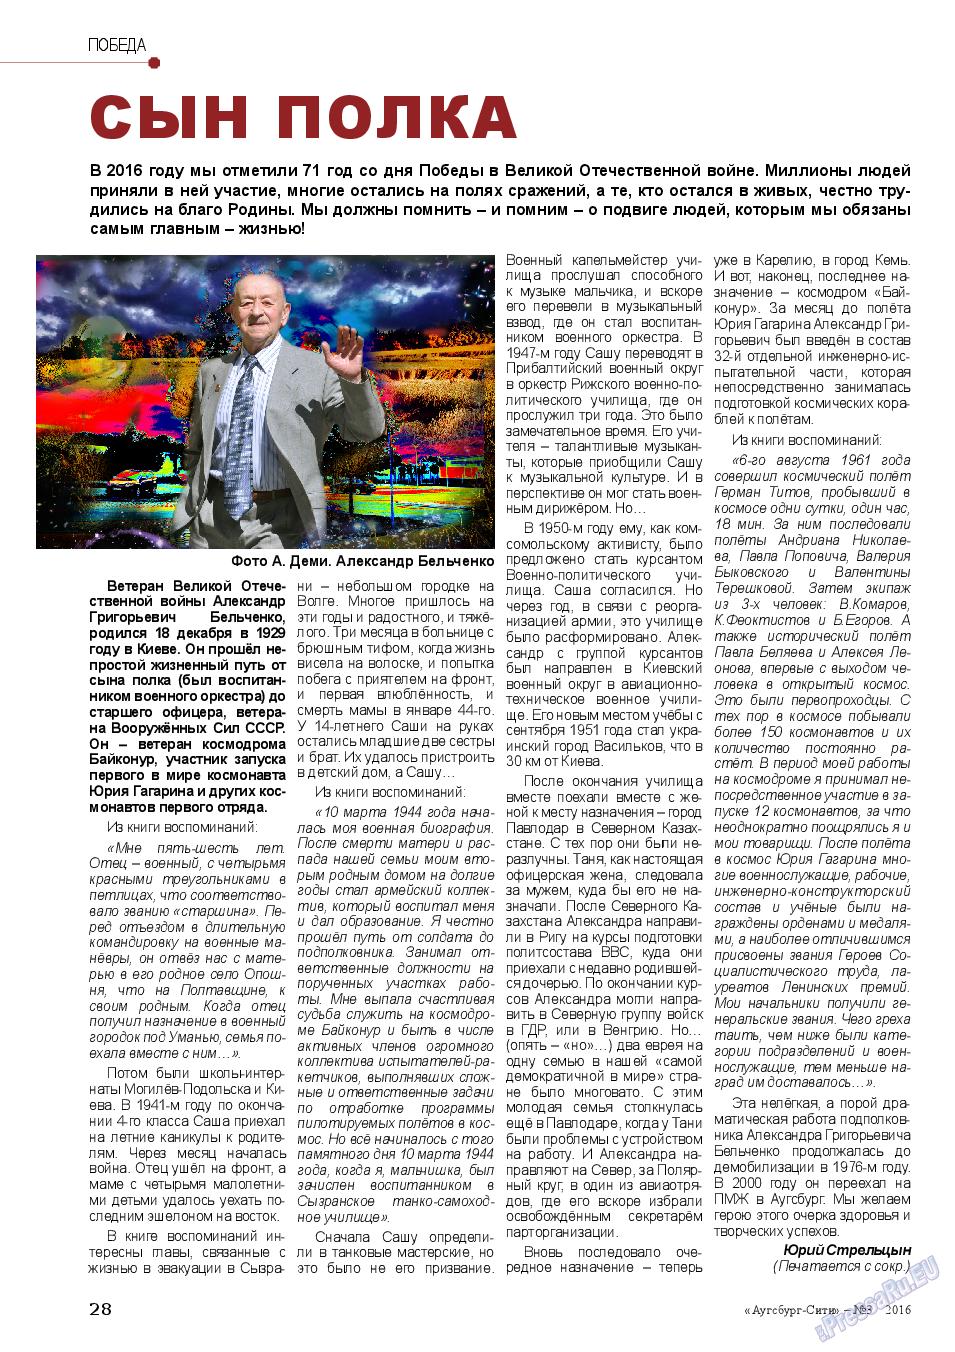 Аугсбург-сити (журнал). 2016 год, номер 3, стр. 28